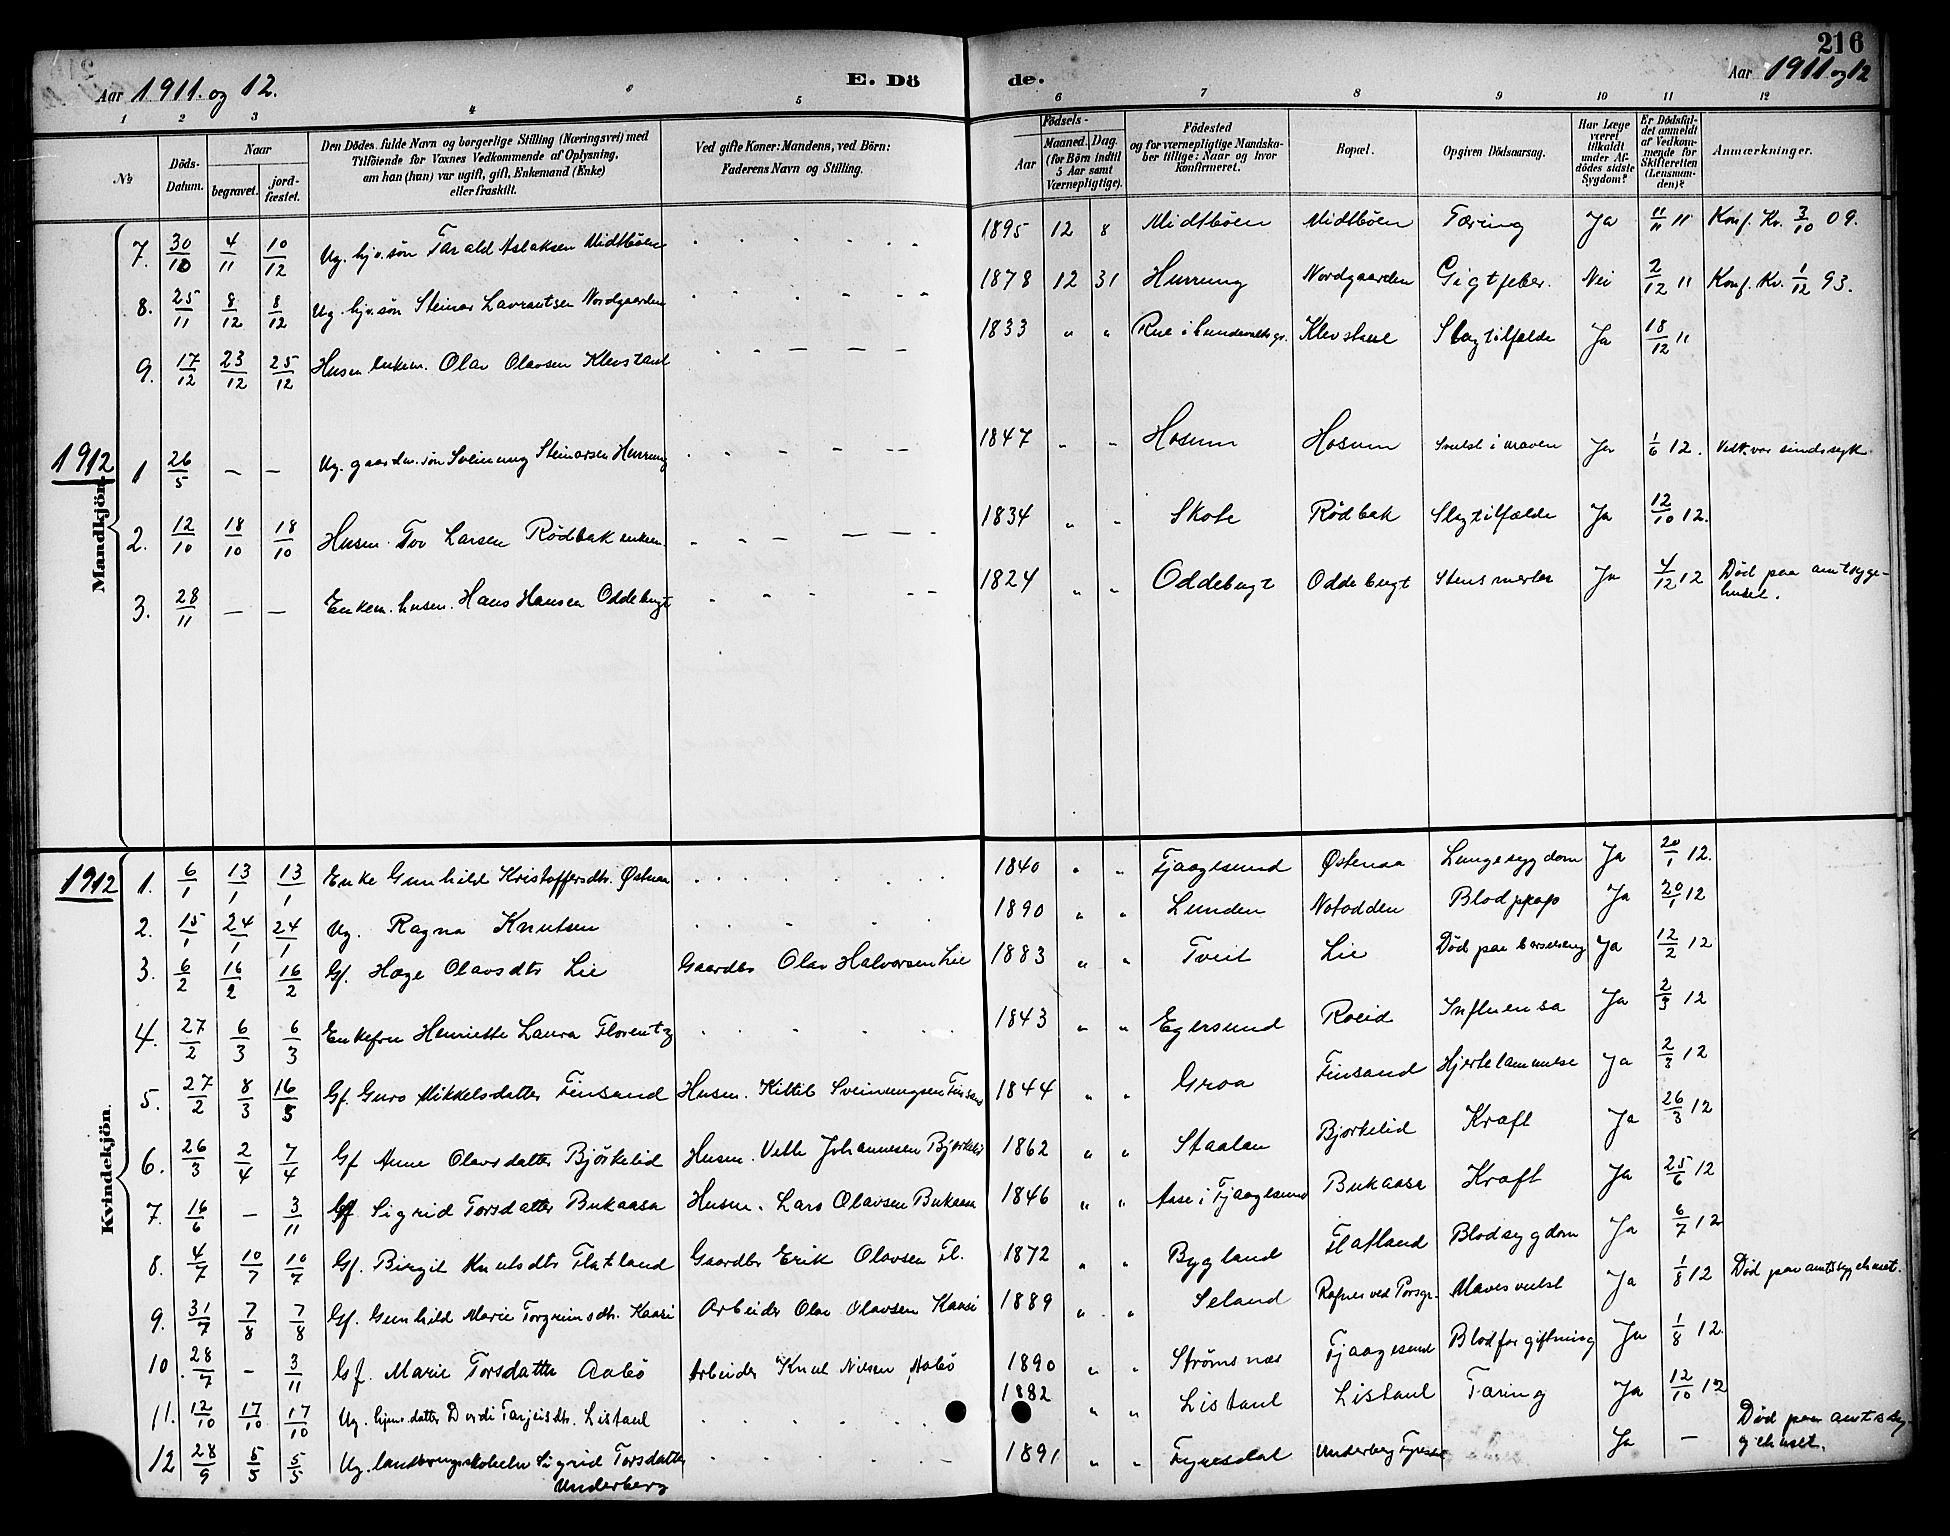 SAKO, Kviteseid kirkebøker, G/Ga/L0002: Klokkerbok nr. I 2, 1893-1918, s. 216